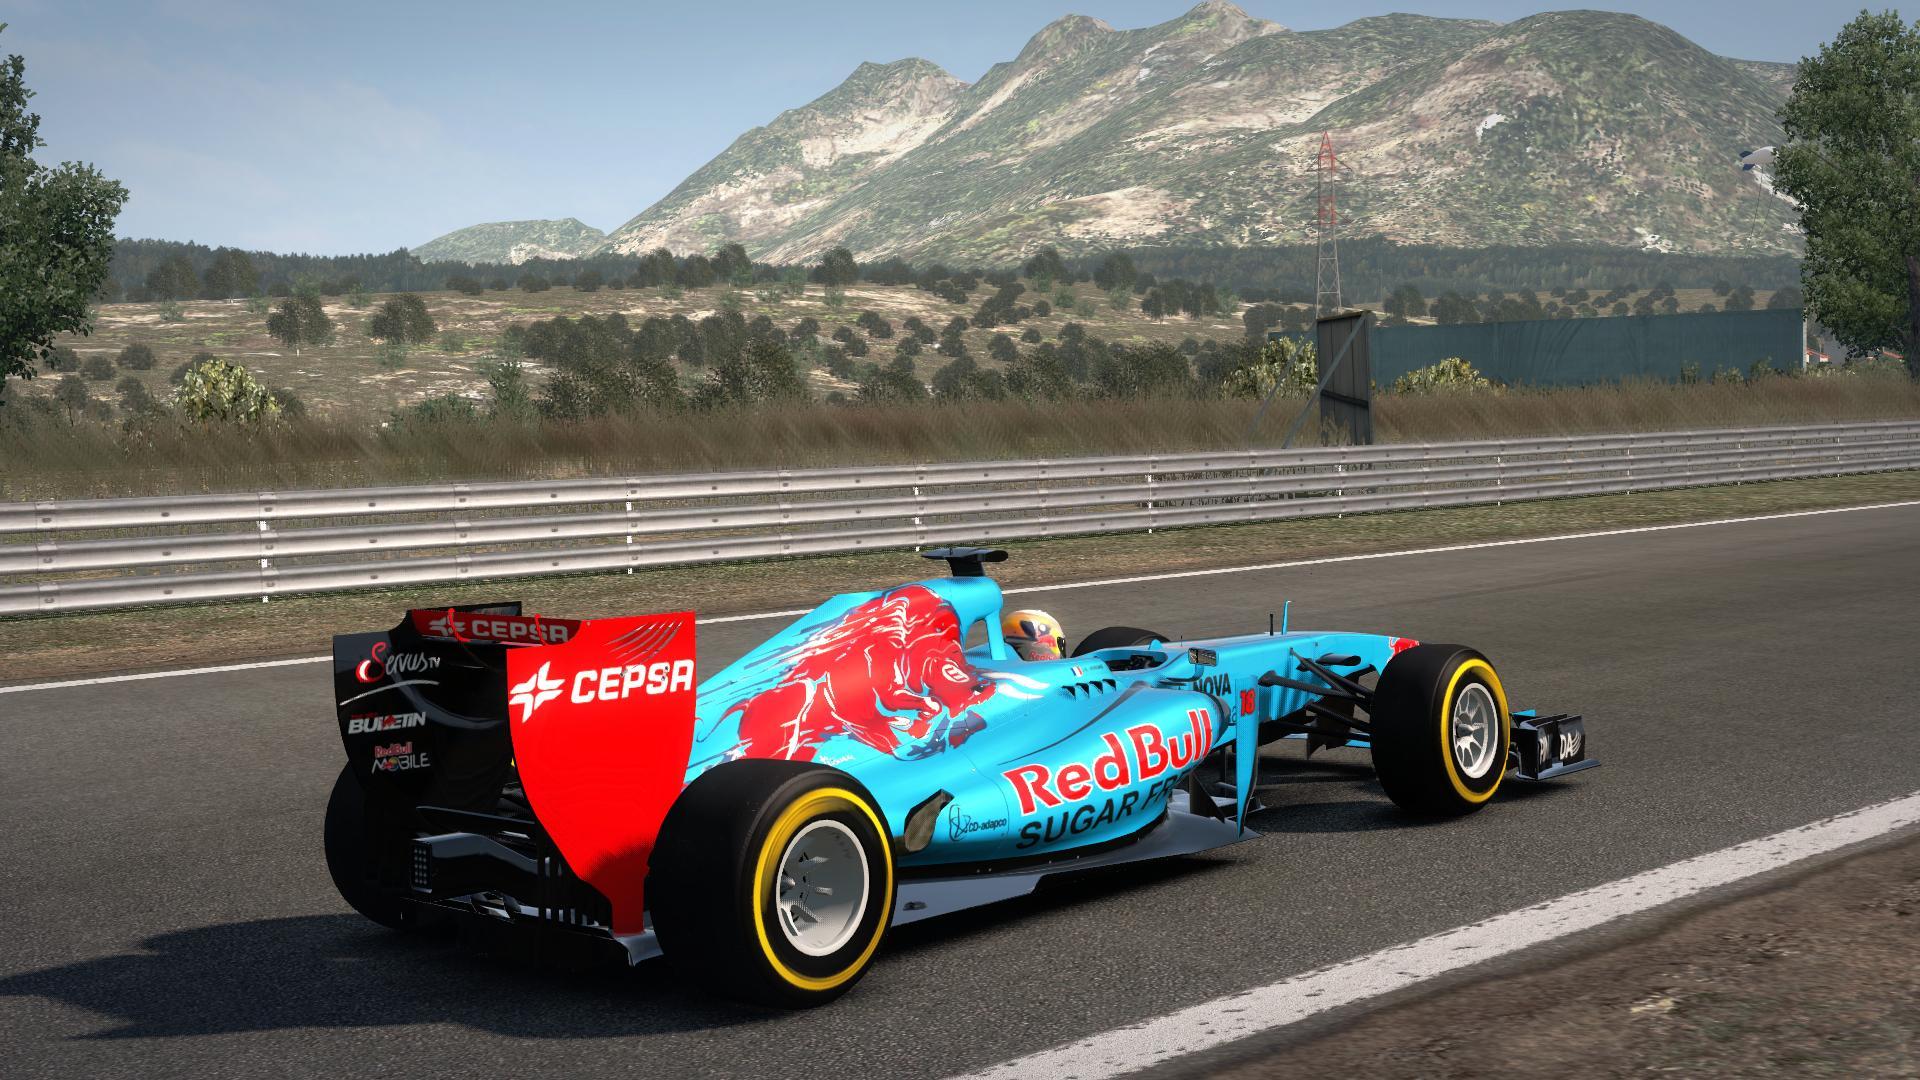 F1_2013 2016-08-15 17-54-36-99.jpg